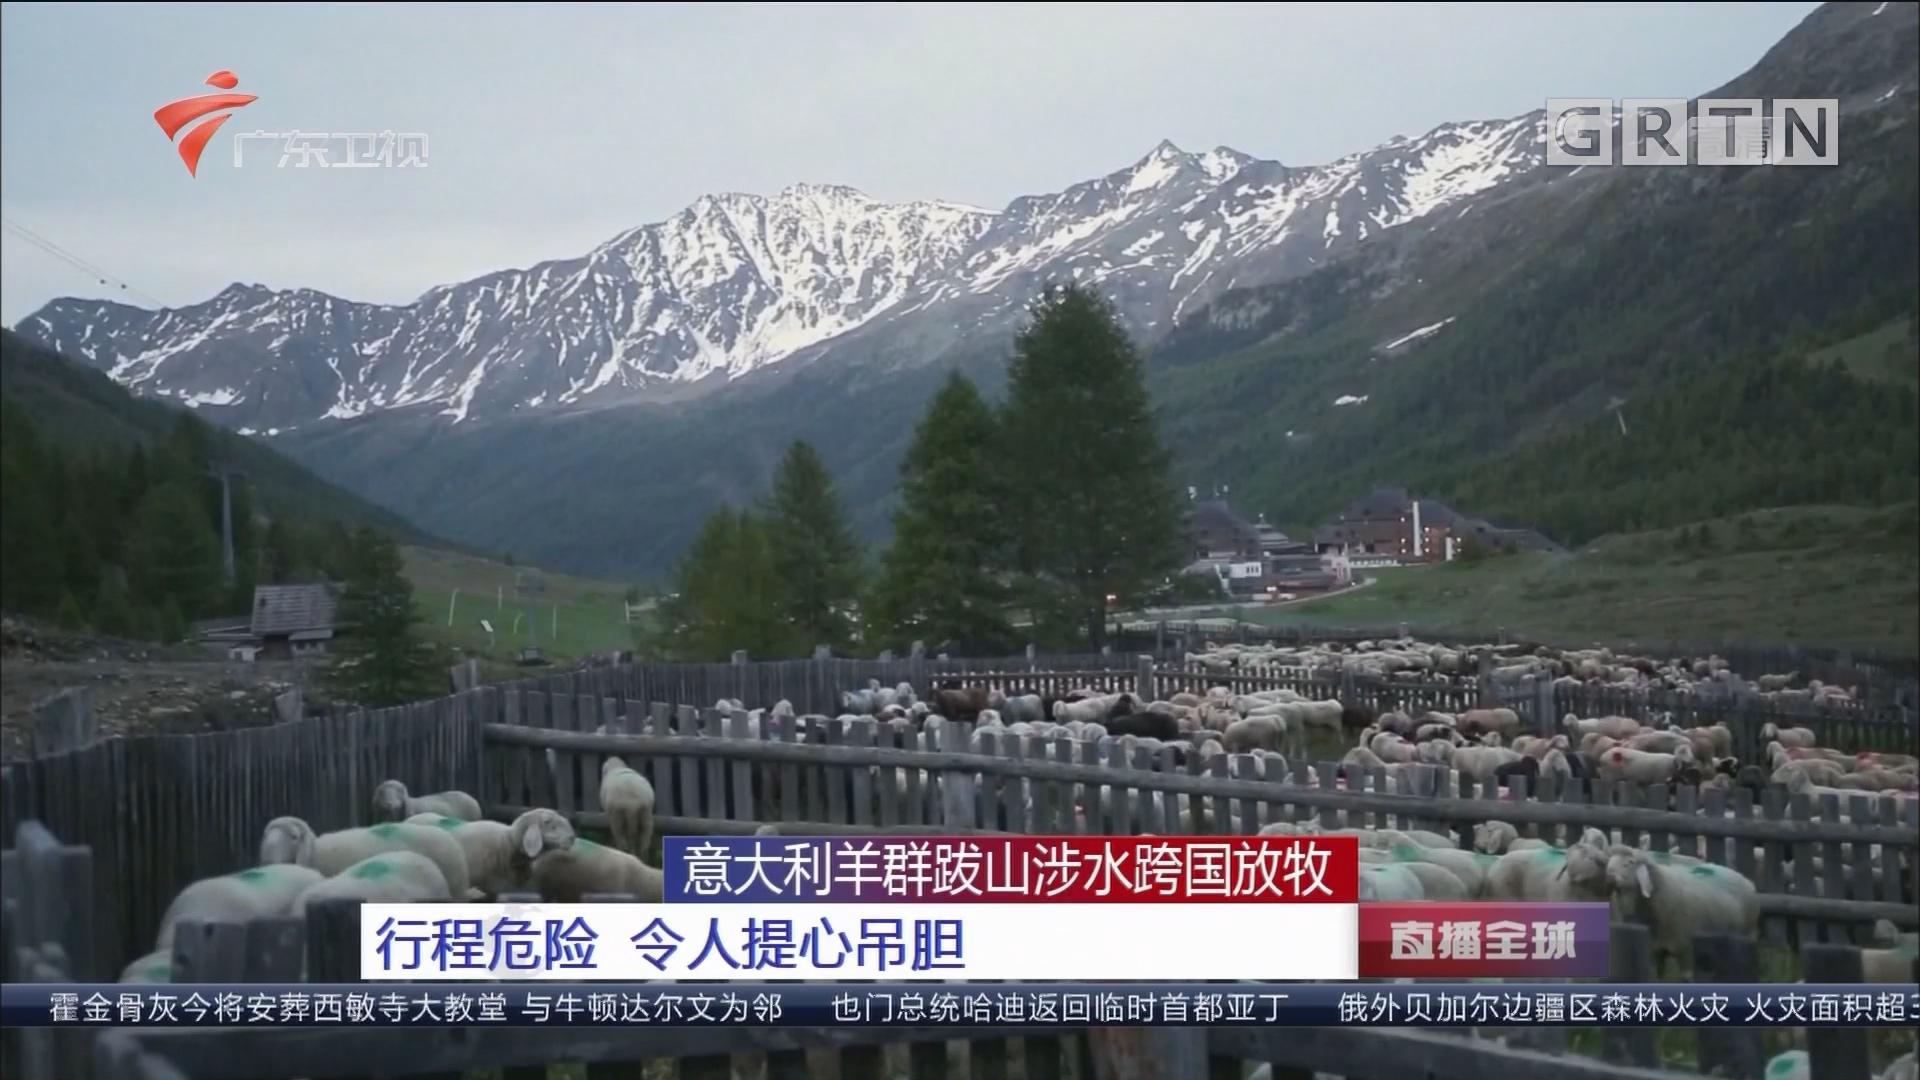 意大利羊群跋山涉水跨国放牧:行程危险 令人提心吊胆